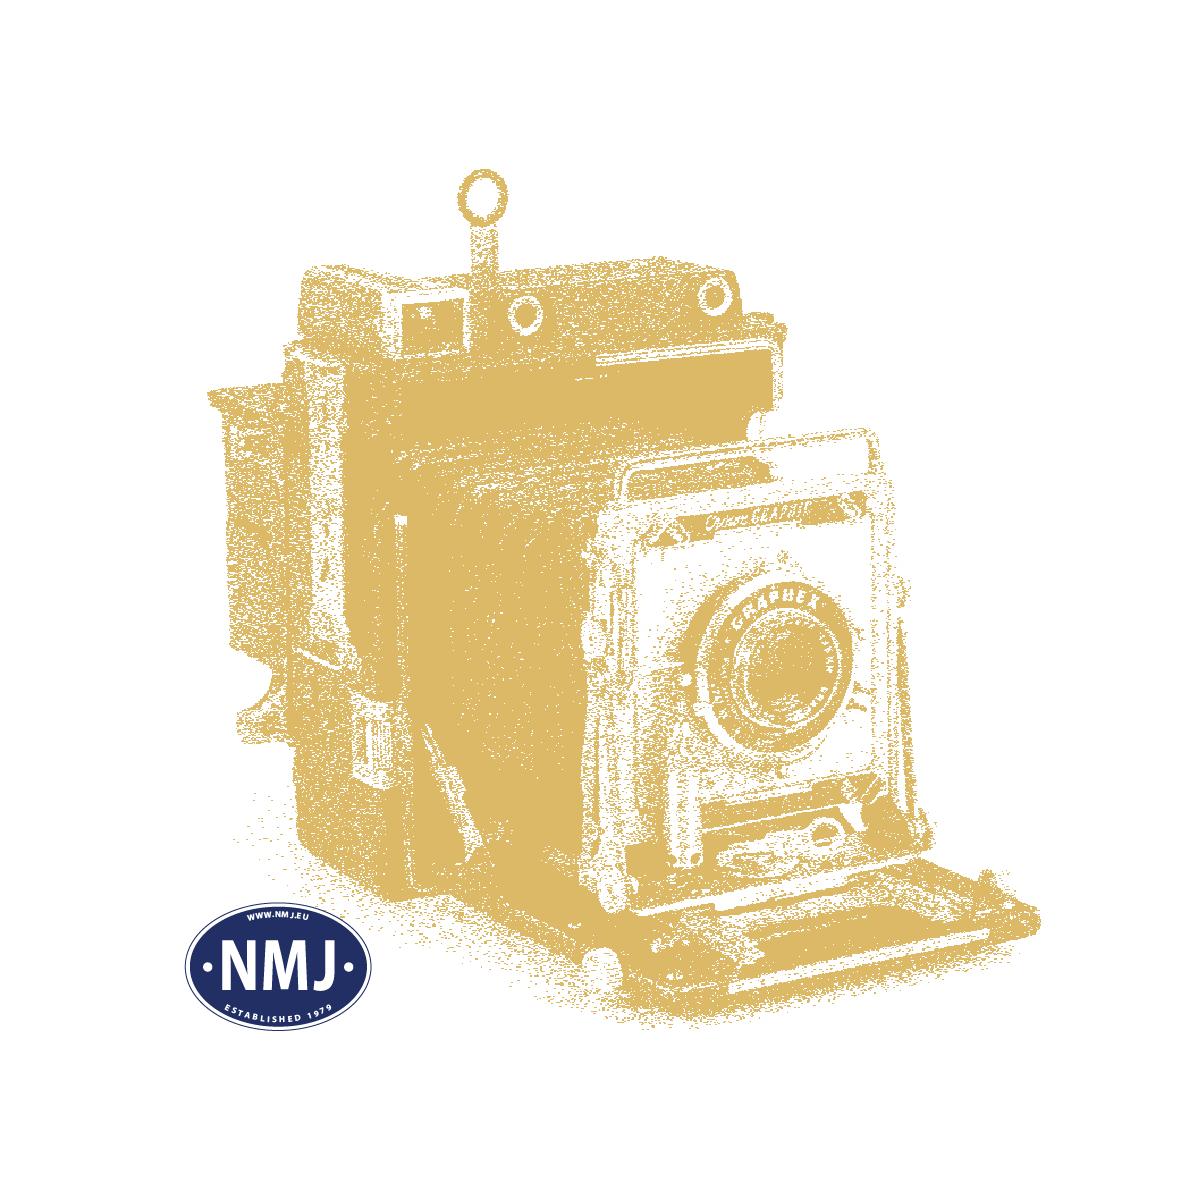 NMJE89902 - *NMJ 40 ÅR* - CargoNet Diesellok CD312.001, DCC m/ Lyd